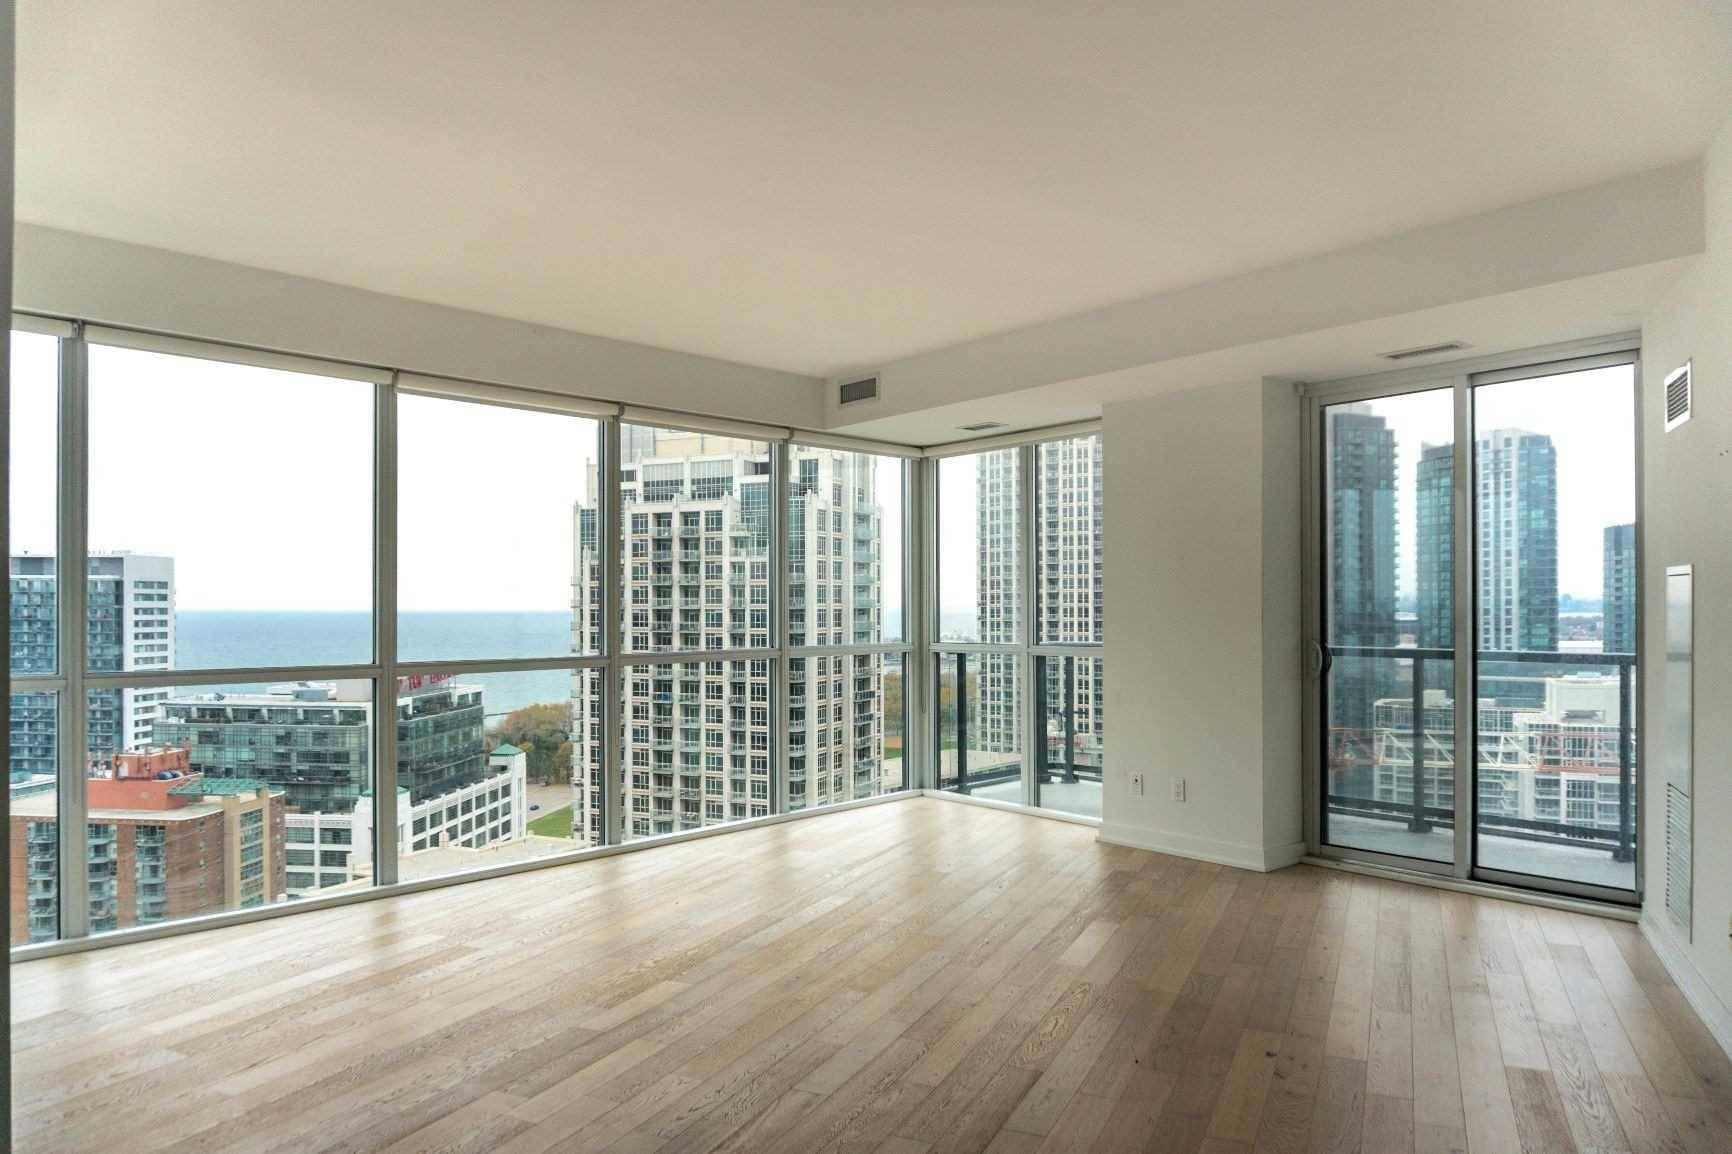 Apartment for rent at 20 Bruyeres Me Unit 2512 Toronto Ontario - MLS: C4670271